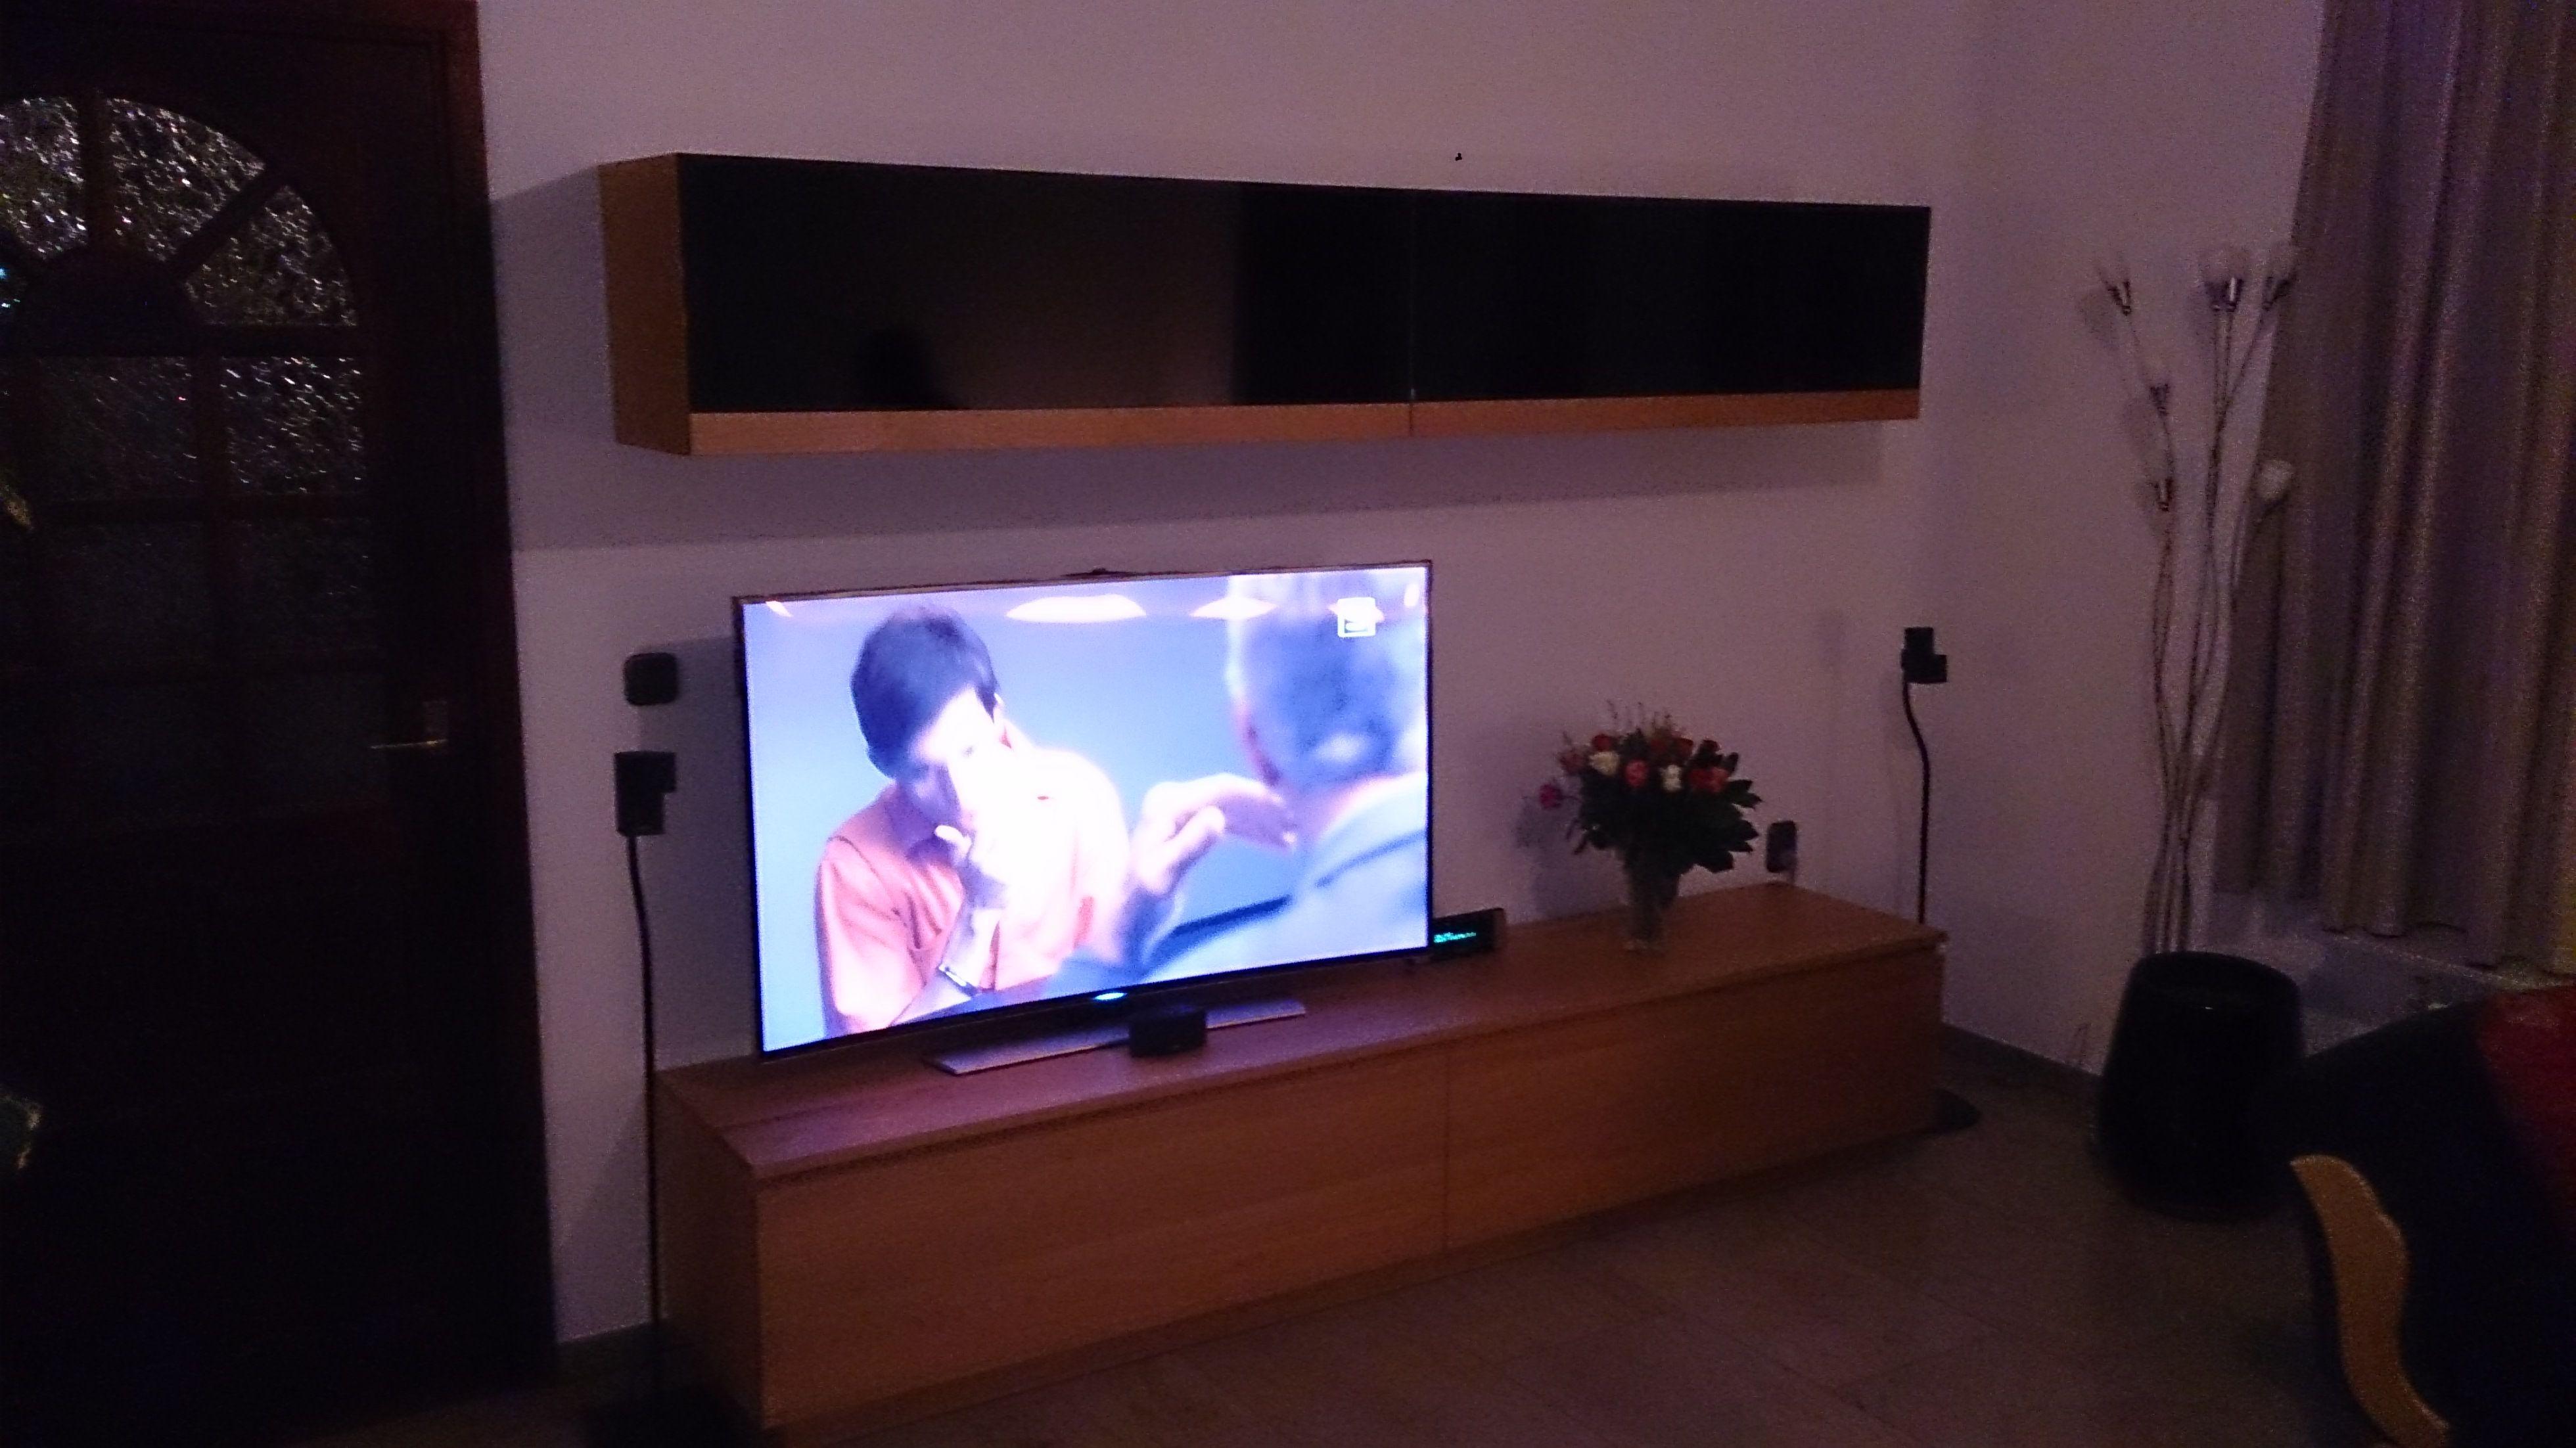 Kersen Houten Tv Meubel.Kersenhouten Tv Wandmeubel Tv Meubel Op Maat Meubelen Op Maat